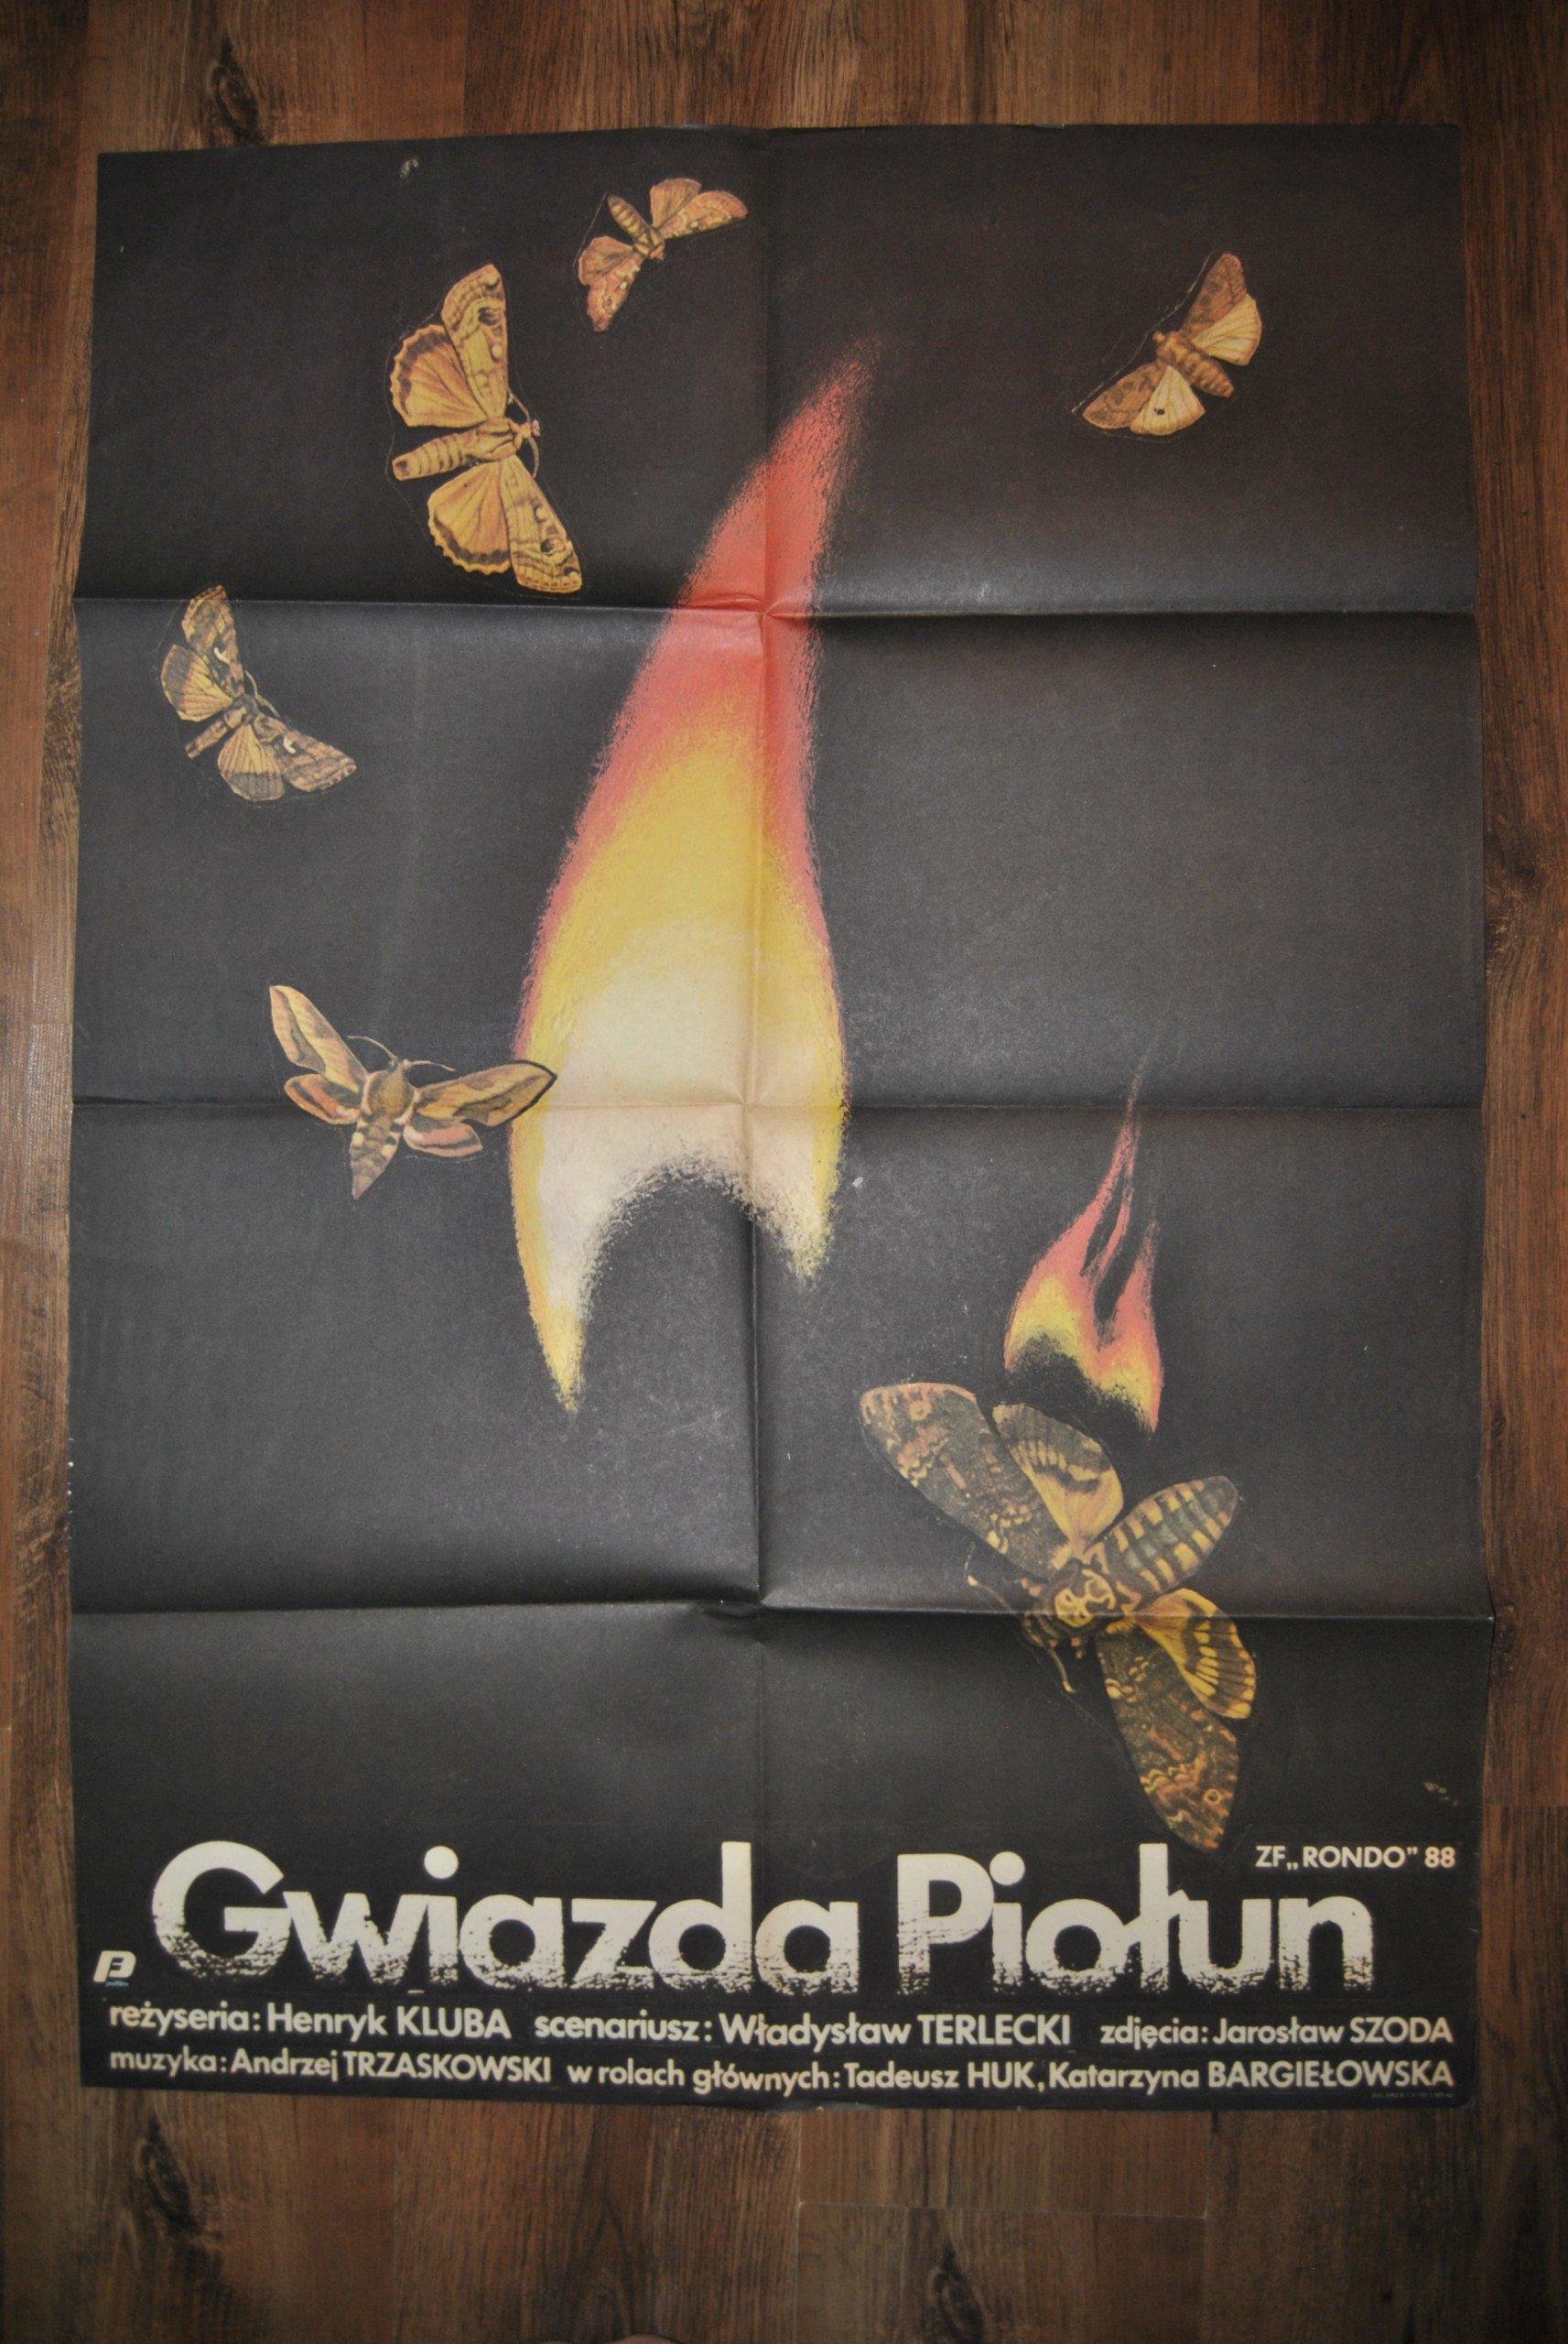 Plakat Filmowy Gwiazda Piołun 7180724649 Oficjalne